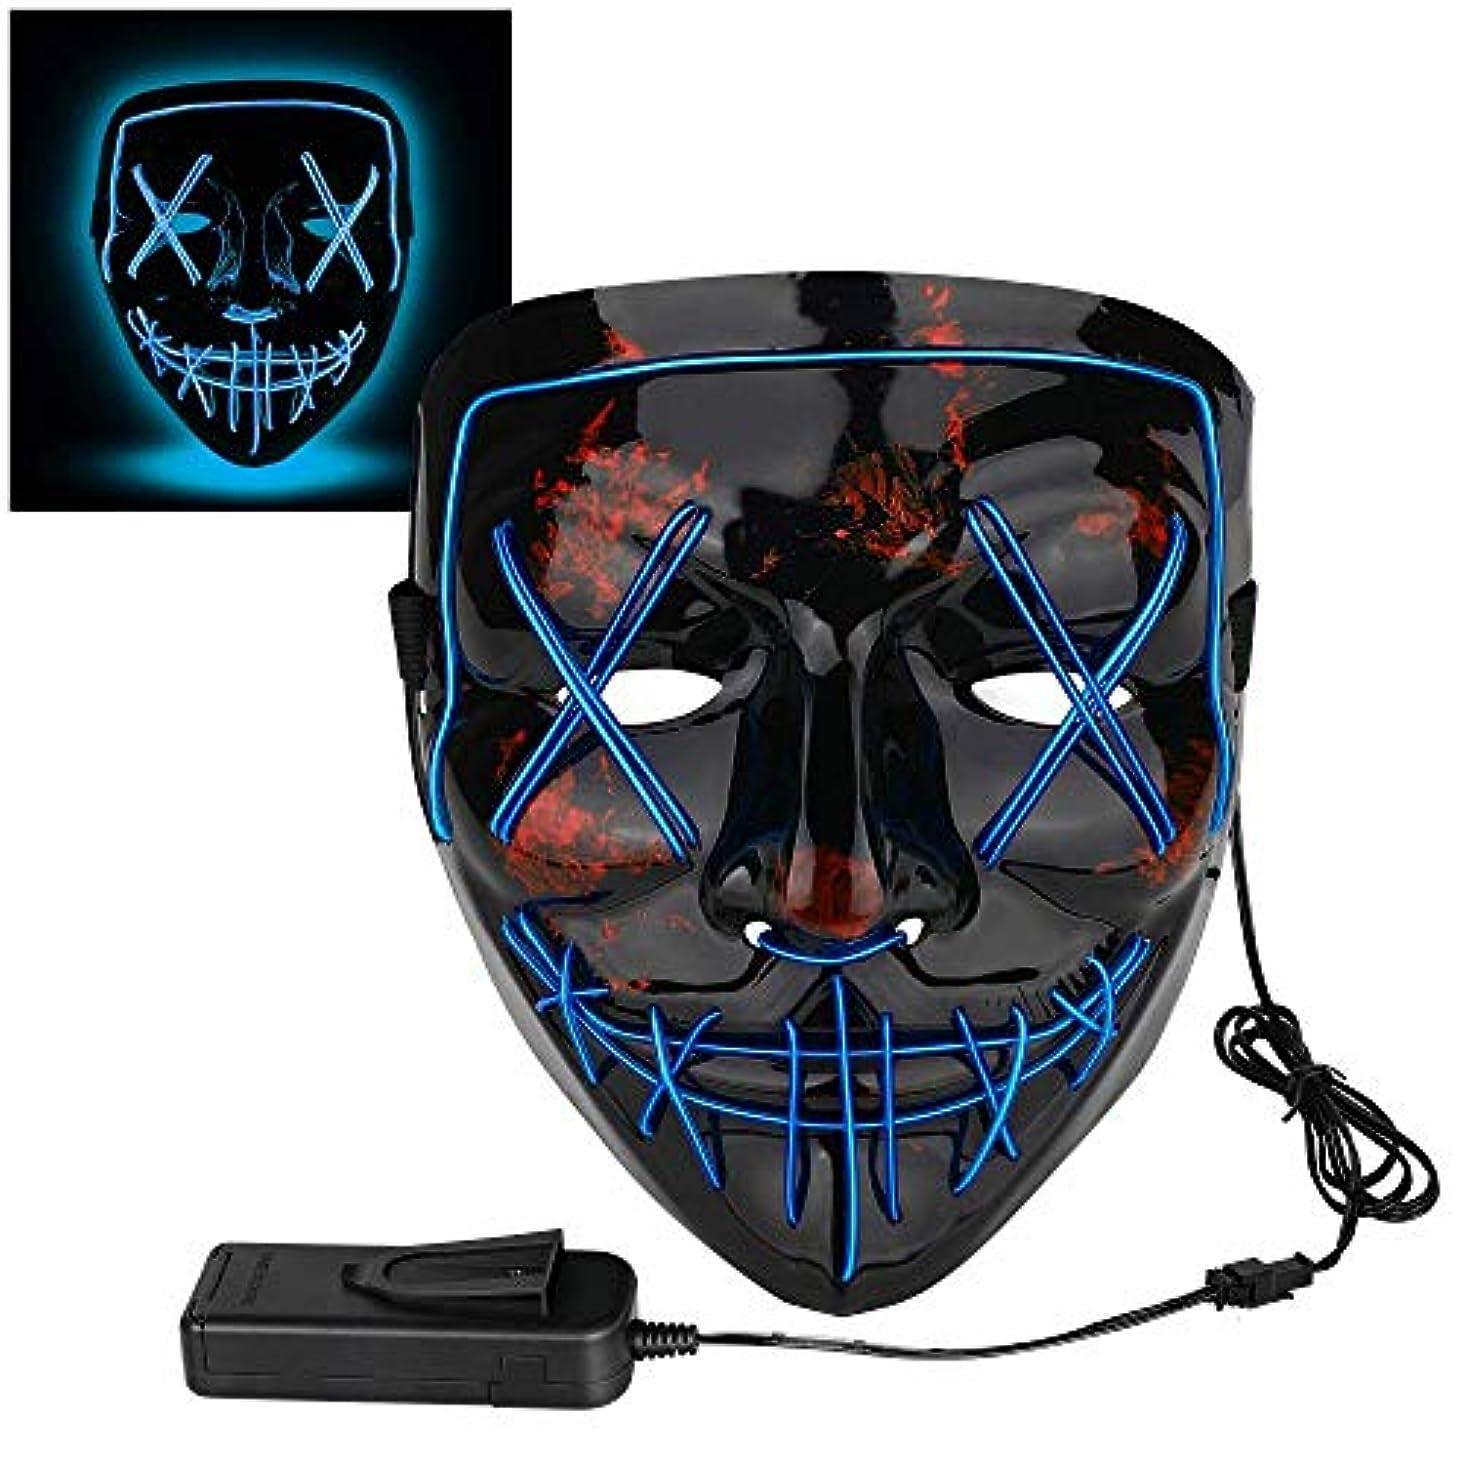 覚えているバック市区町村休日のロールプレイングハロウィーンコスチュームパーティーマスク(1個)の明確な選挙の時代から、暗闇で輝くロールプレイングLEDライトマスク、衣料品,Blue